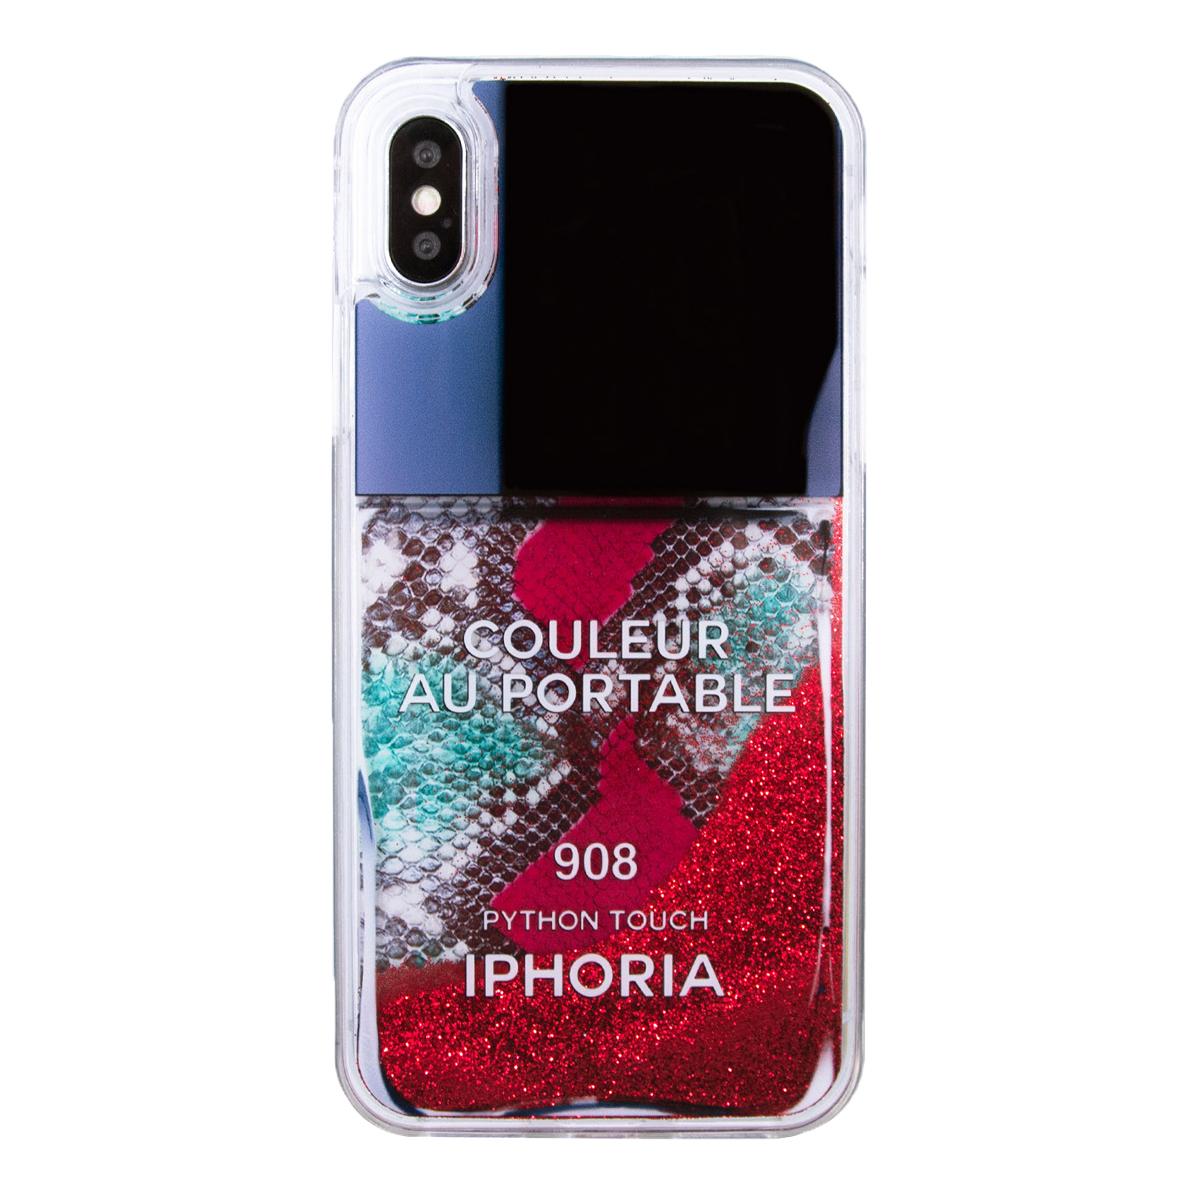 IPHORIA アイフォリア Liquid Case for Apple iPhone X/XS Red Snake Classic Nail Polish リキッドケースレッドスネーククラシックネイルポリッシュ 海外ブランド オシャレ 人気